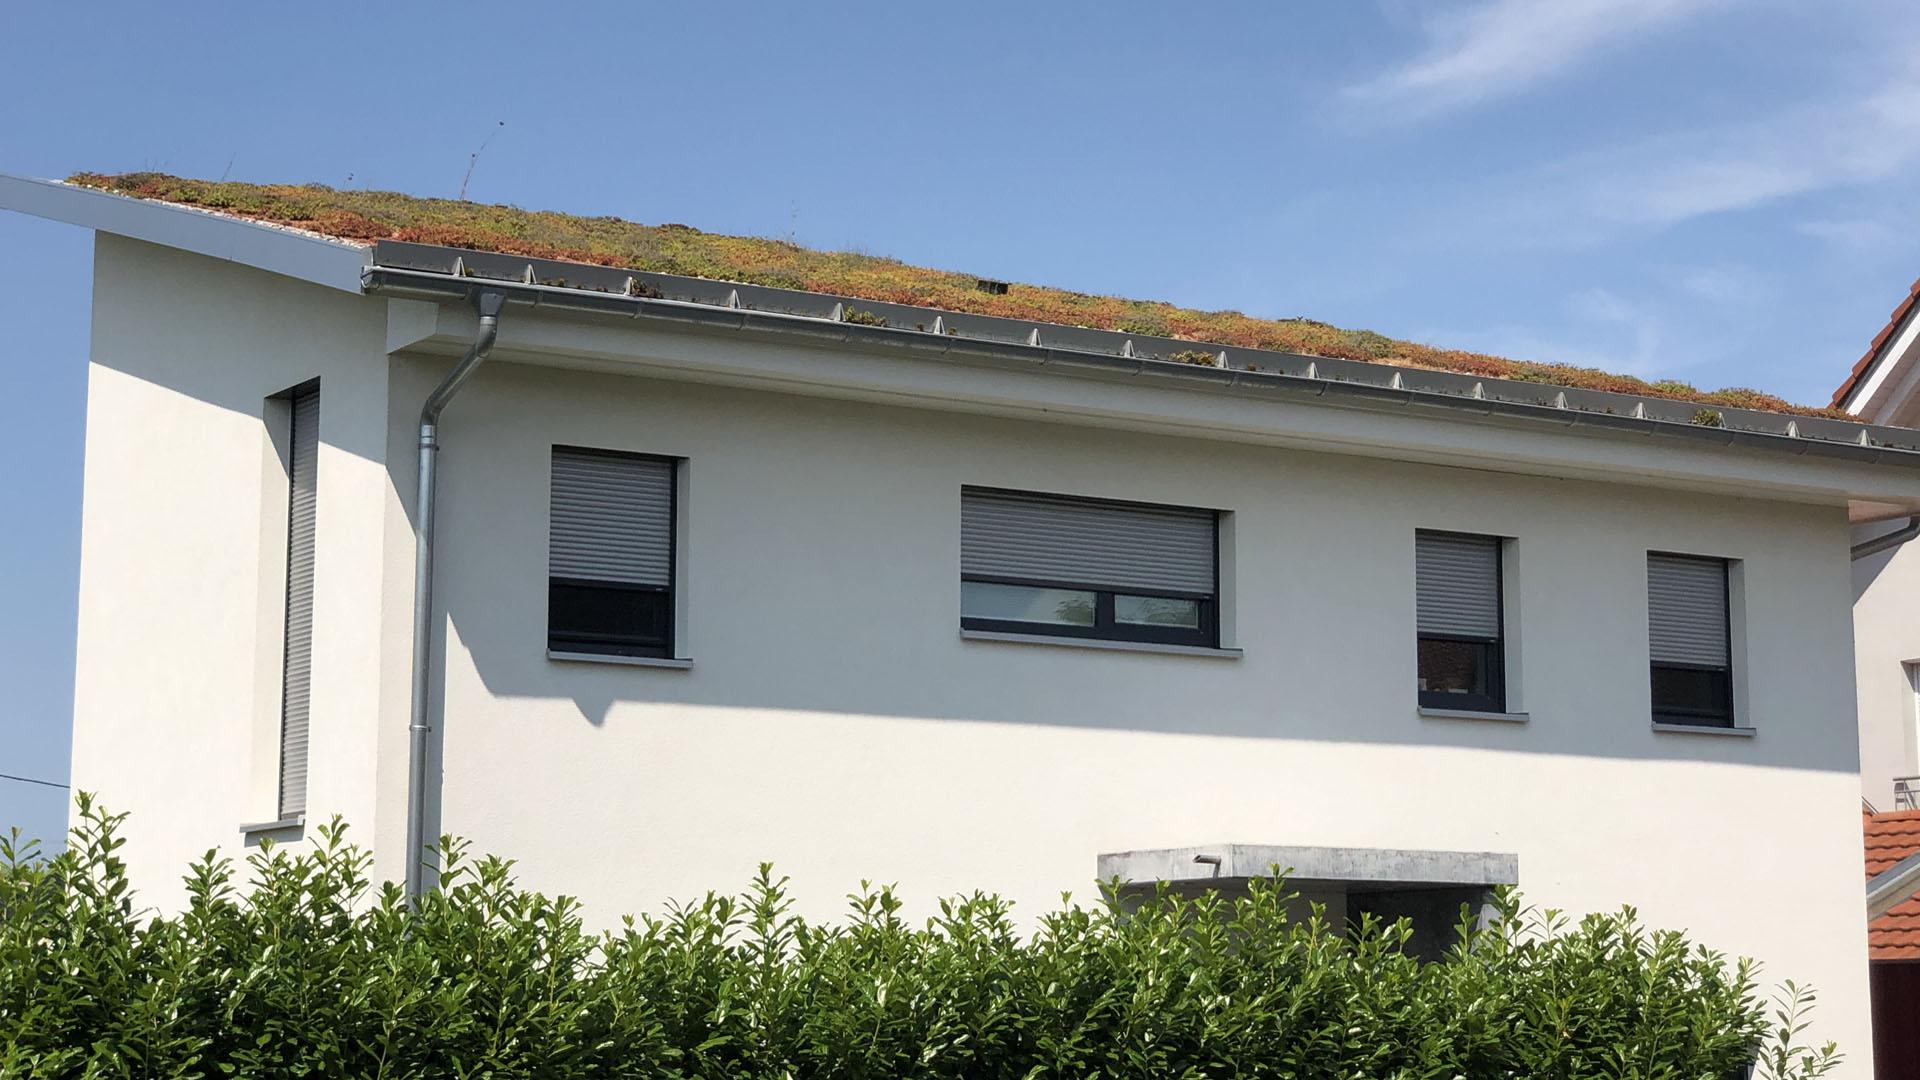 Holzbau-ott-guendlingen-dachbegruenung3